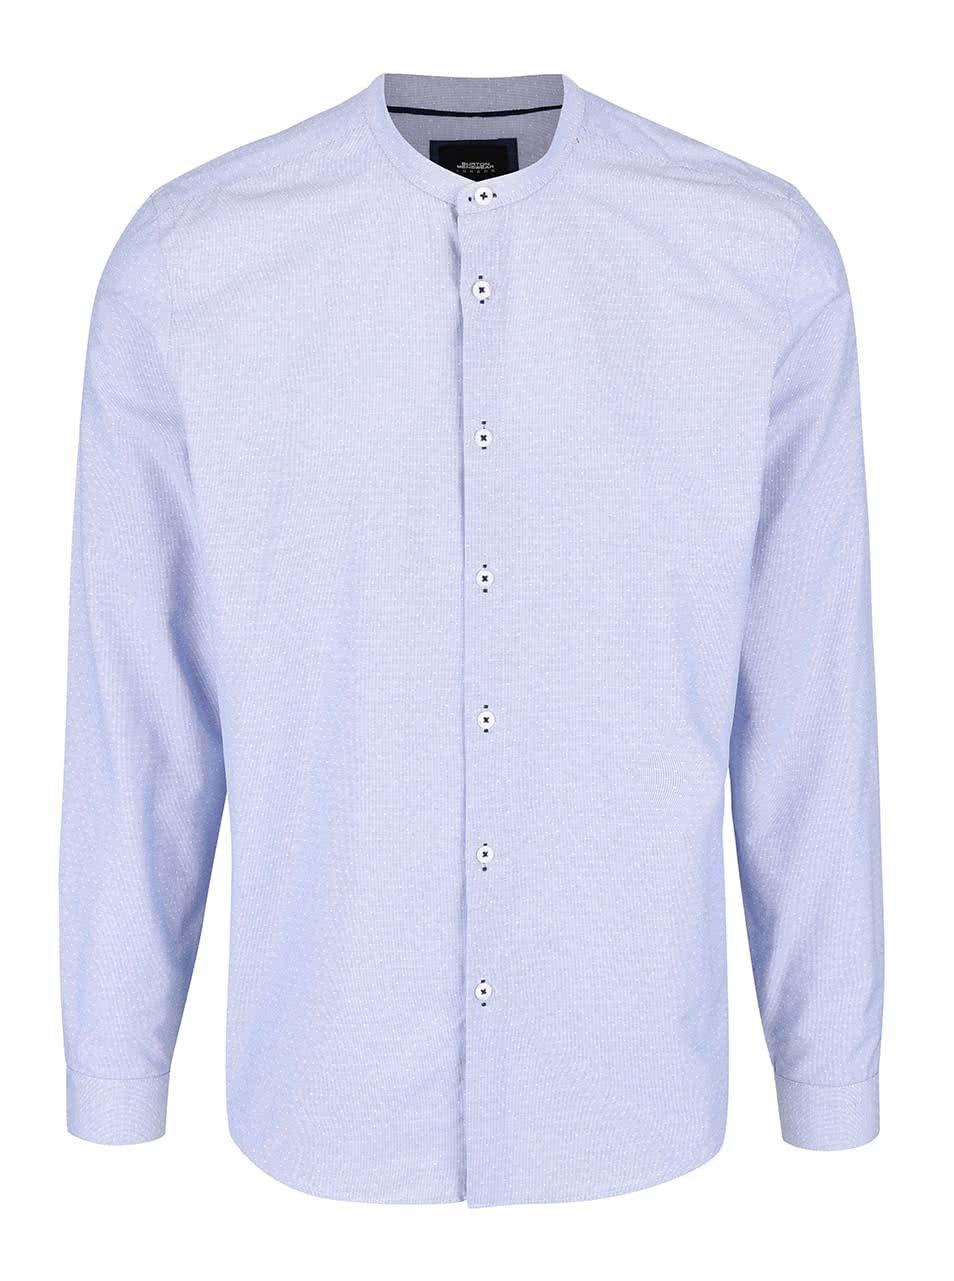 6ac52e5b61a Světle modrá vzorovaná košile bez límečku Burton Menswear London ...